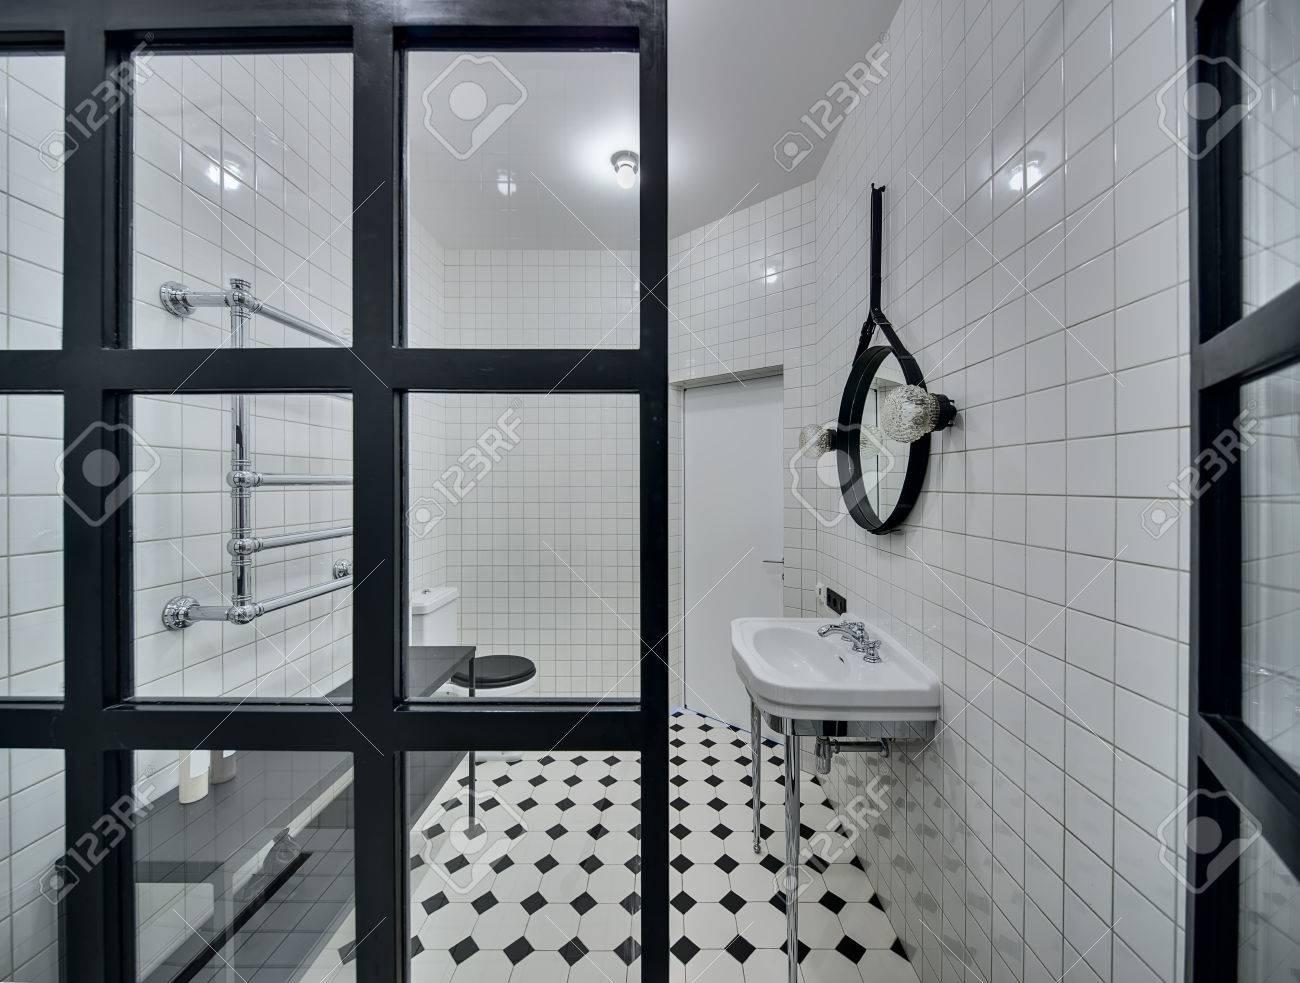 Moderno cuarto de baño con paredes de azulejos blancos. Hay lavabo blanco,  negro espejo, lámparas, mampara de cristal, inodoro blanco y negro, estante  ...